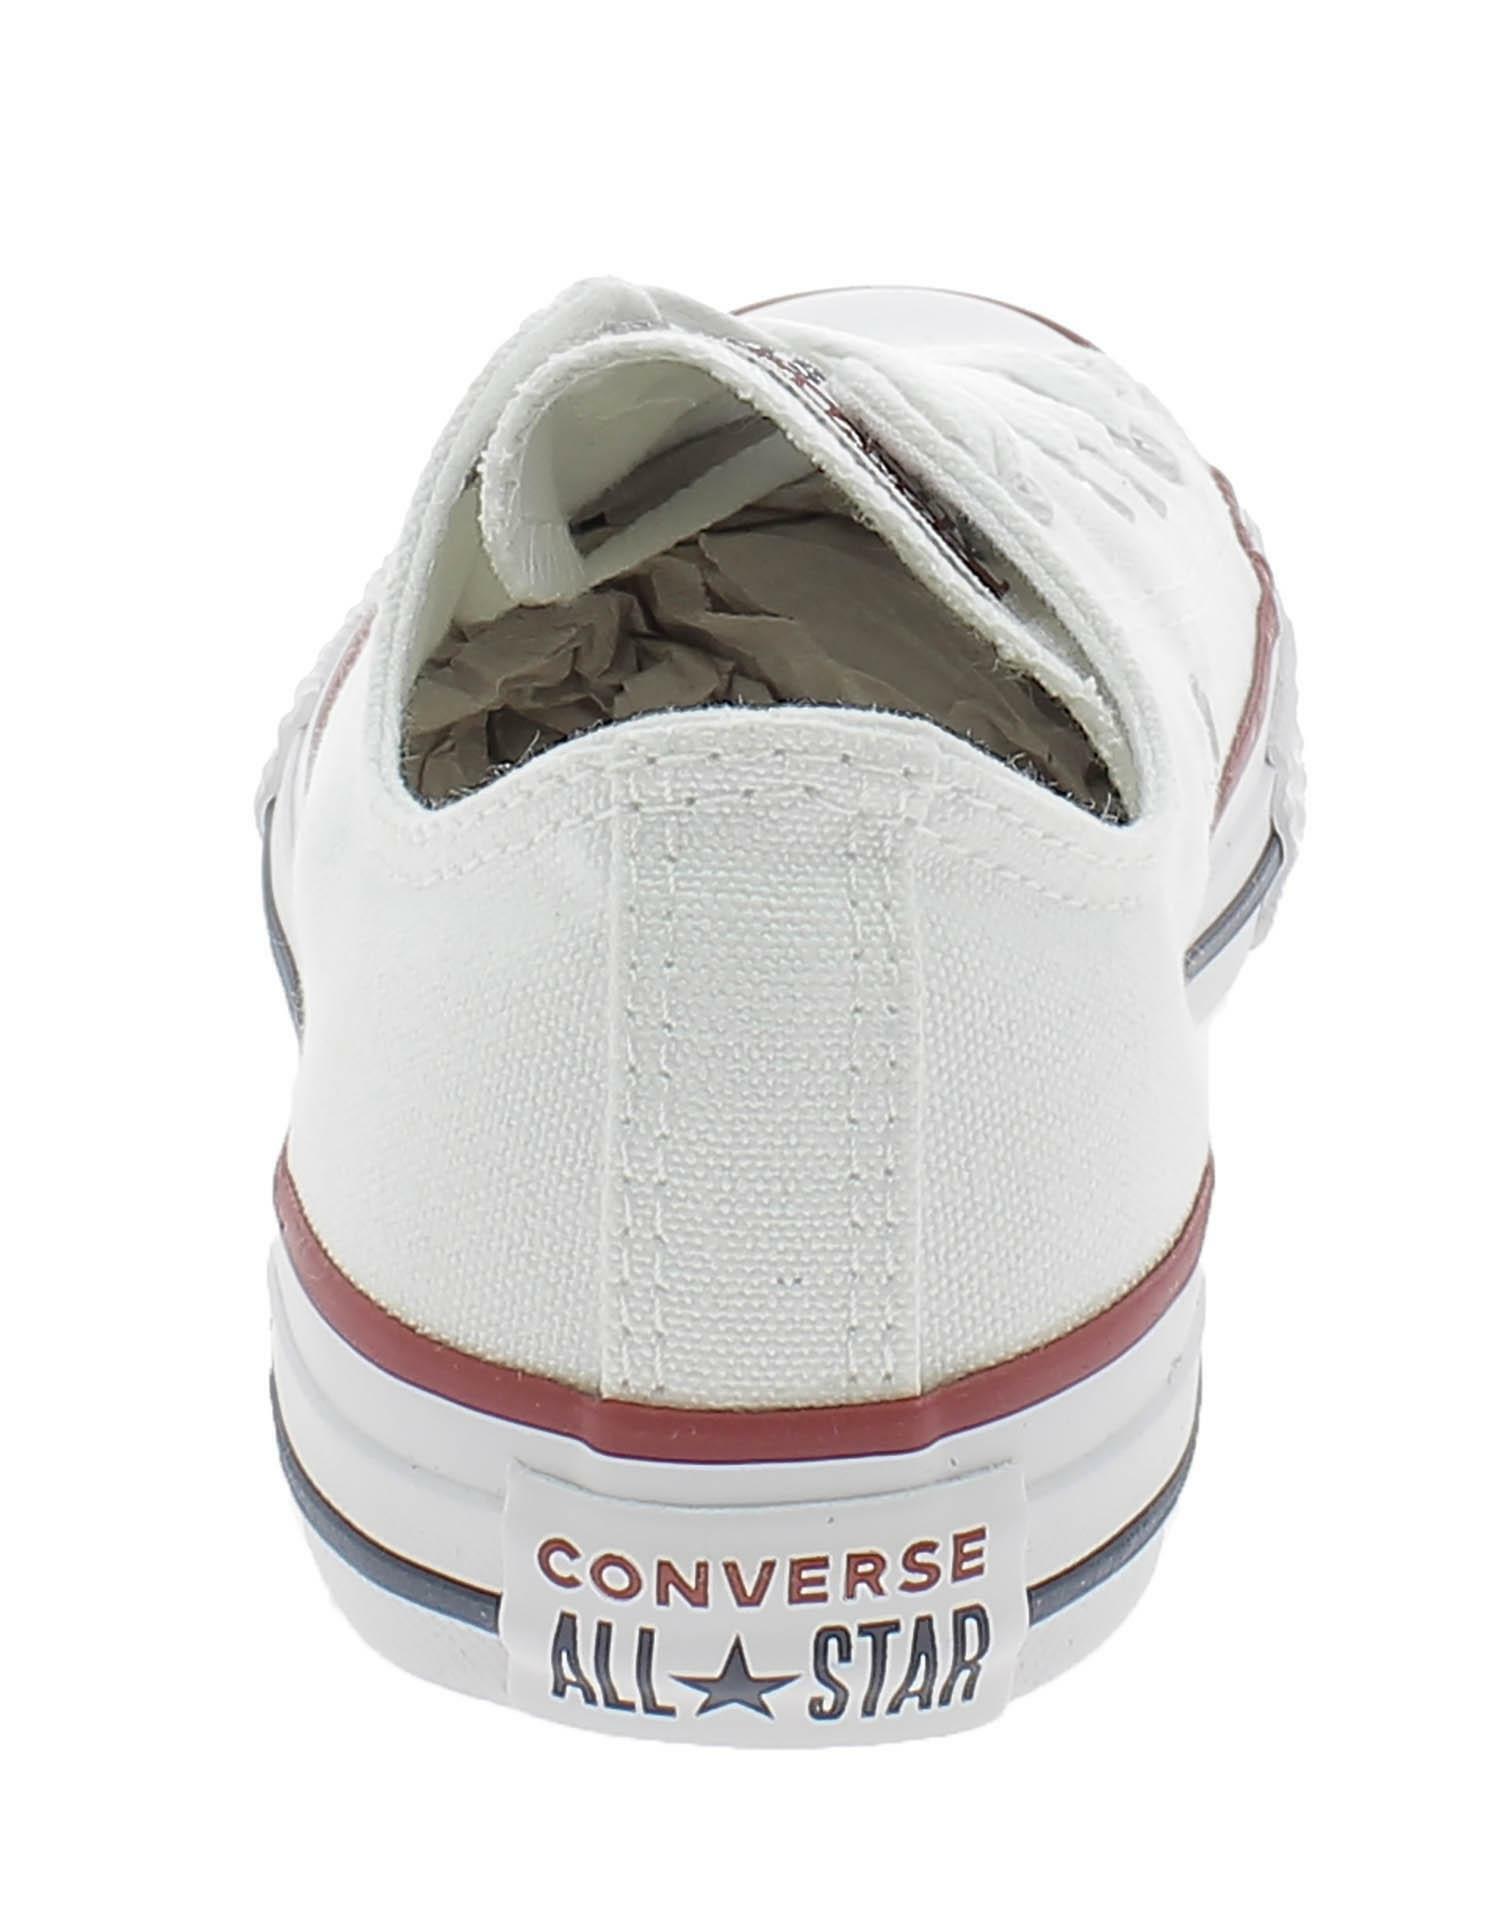 converse converse all star ct scarpe sportive bambino bianche 3j256c